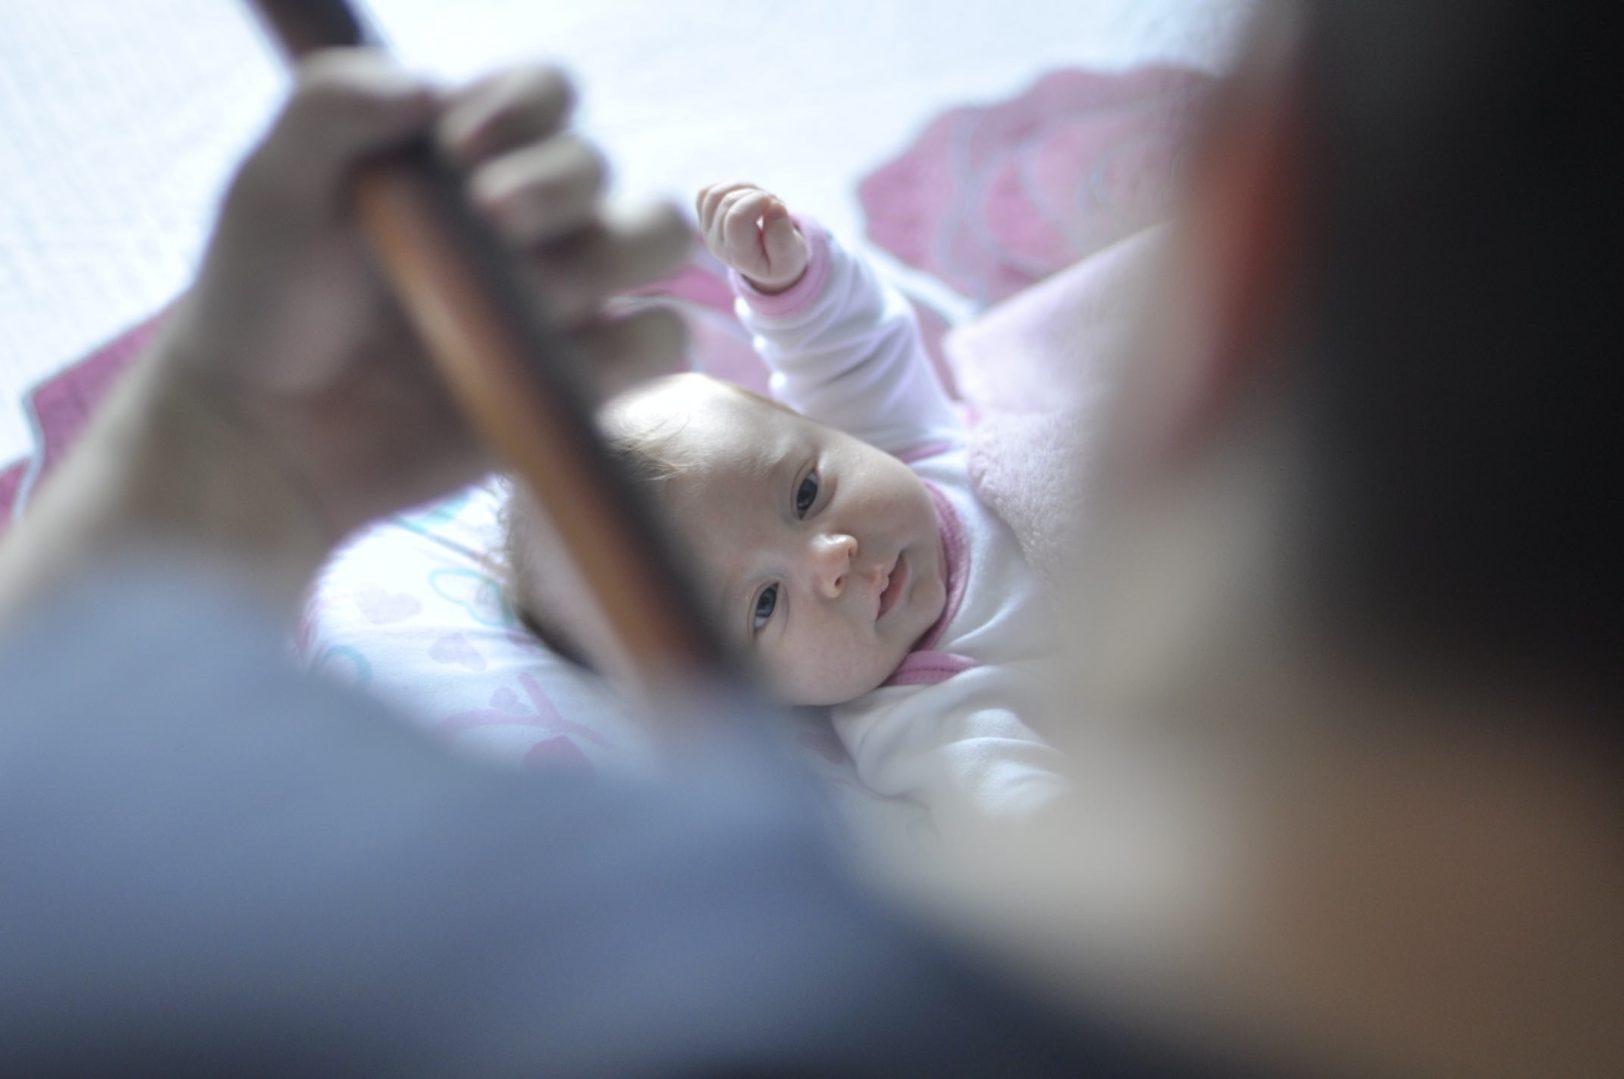 Respeitar o parto ~ um dever de todos